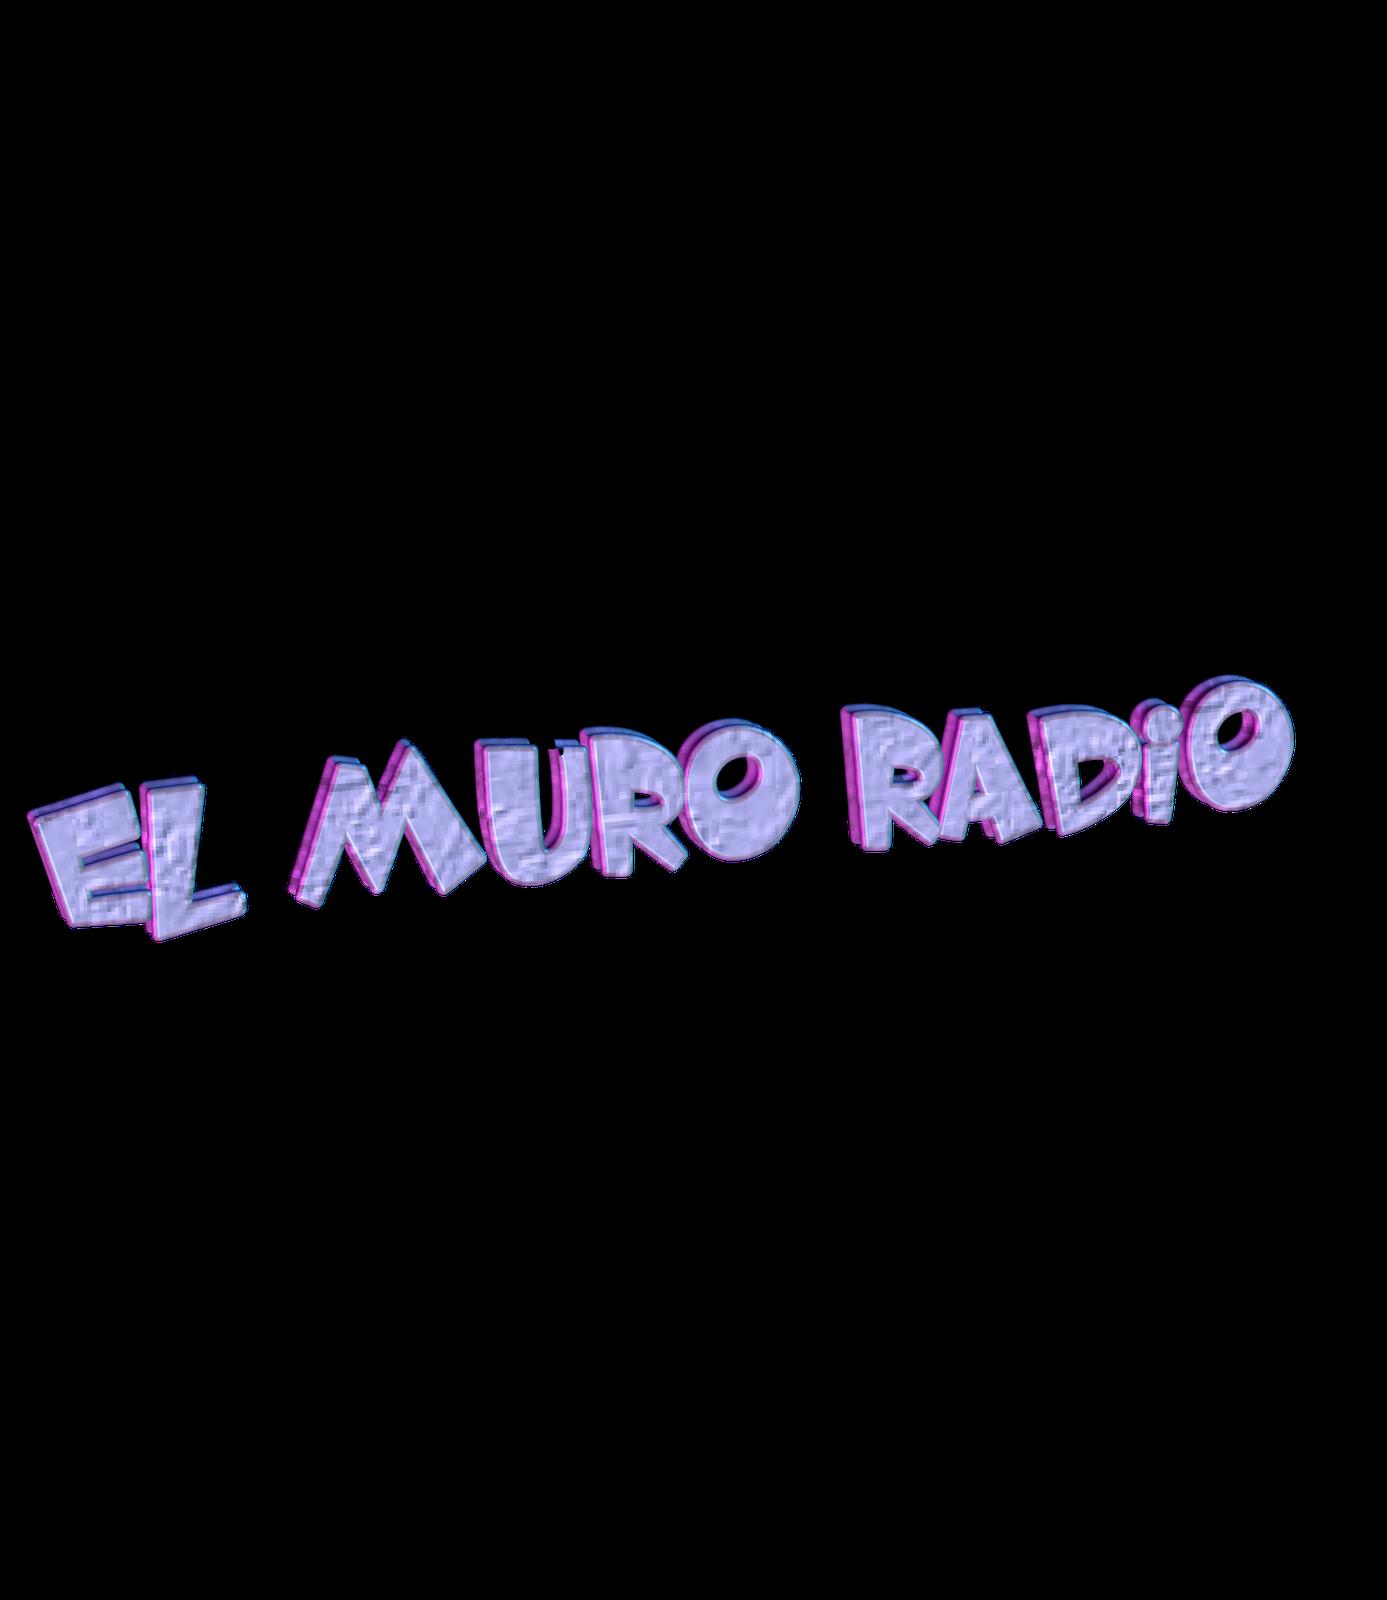 ElMuroRadio